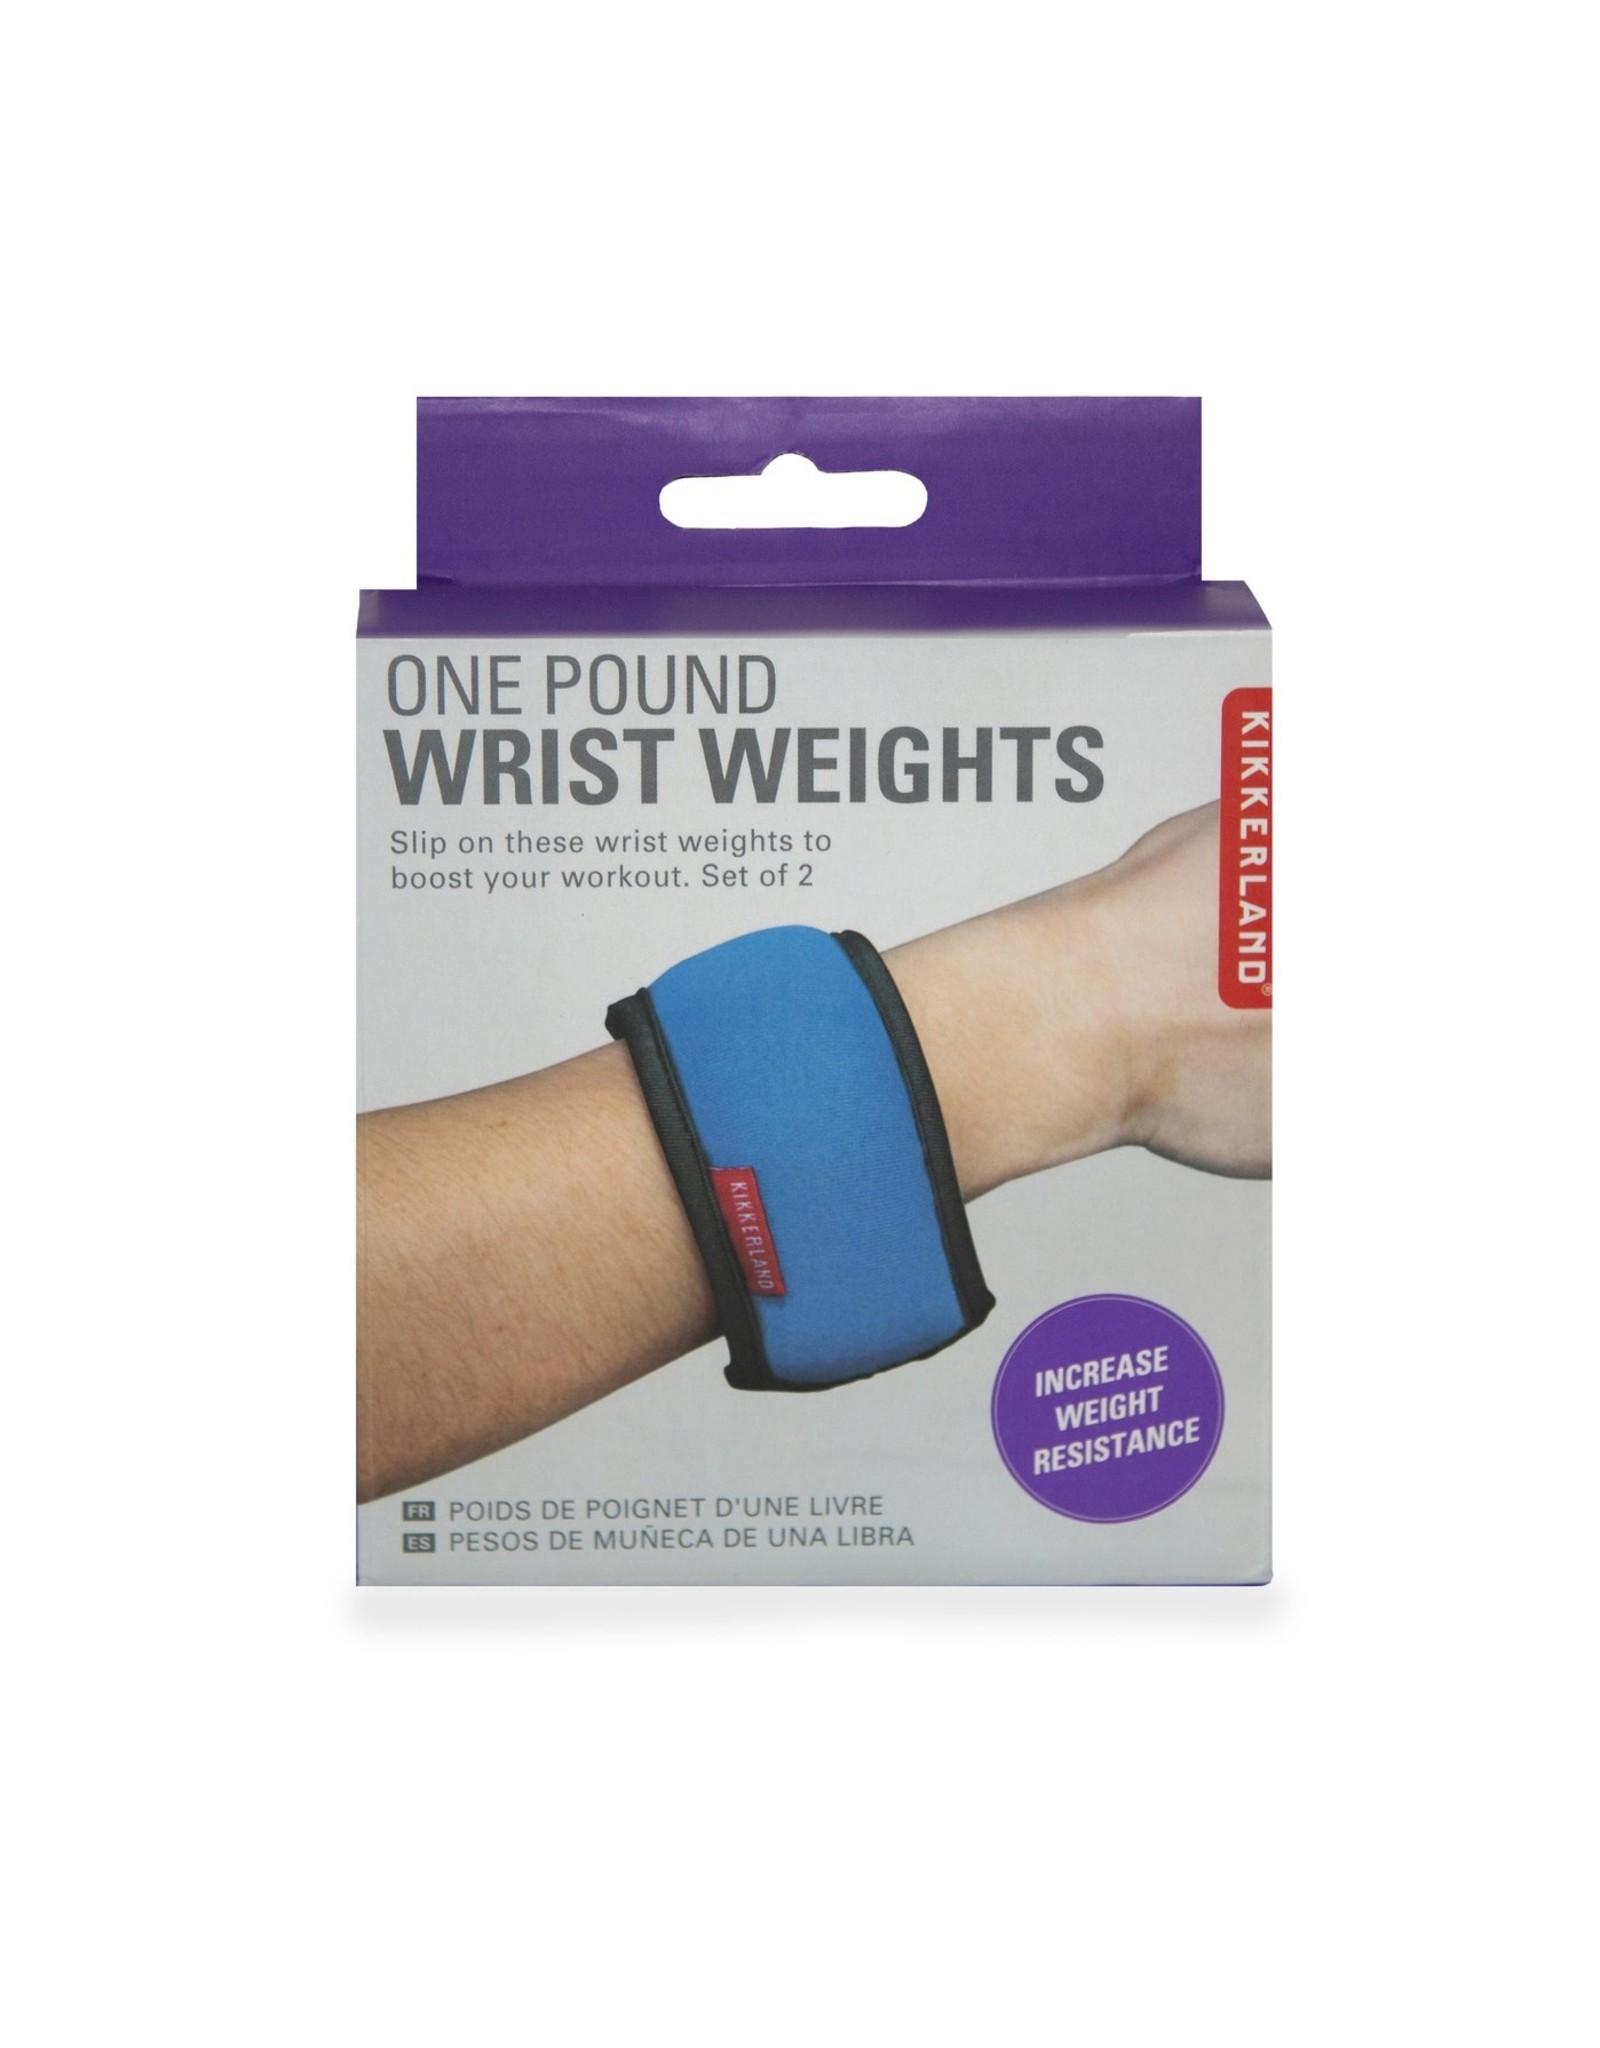 wrist weights of one pound (448 gr)